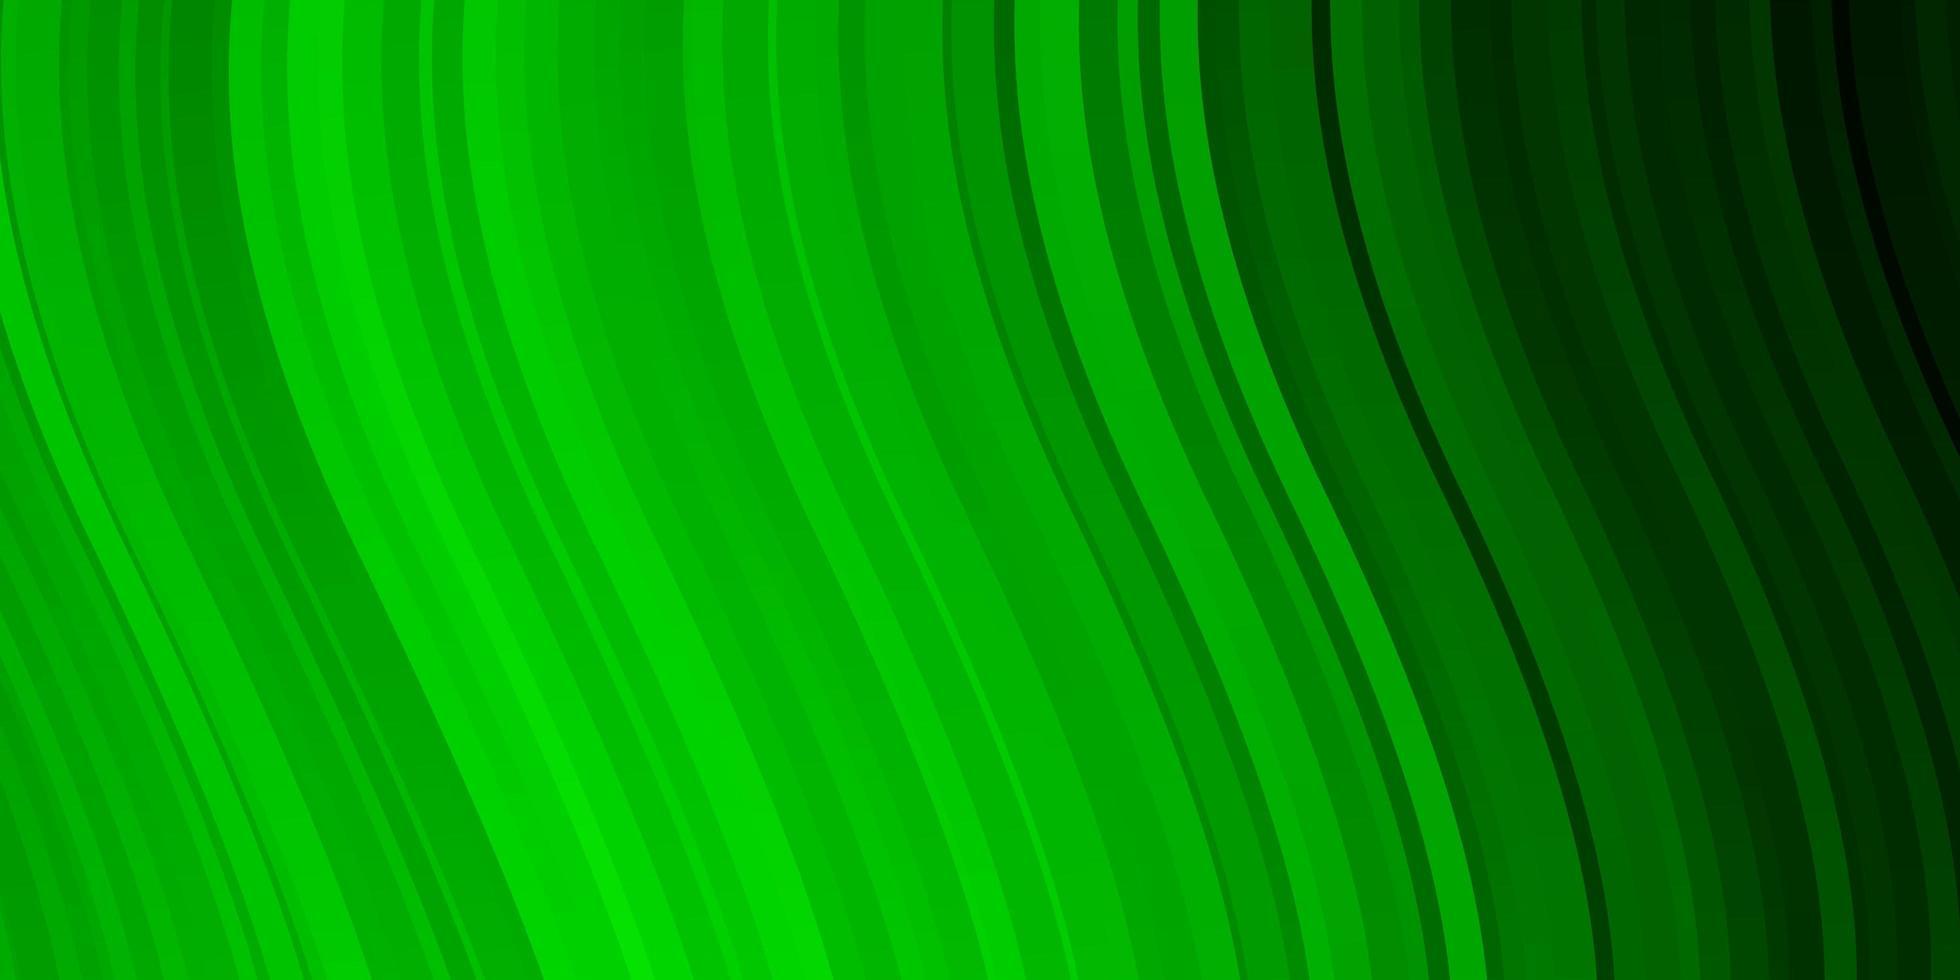 hellgrünes Vektorlayout mit Kreisbogen. vektor